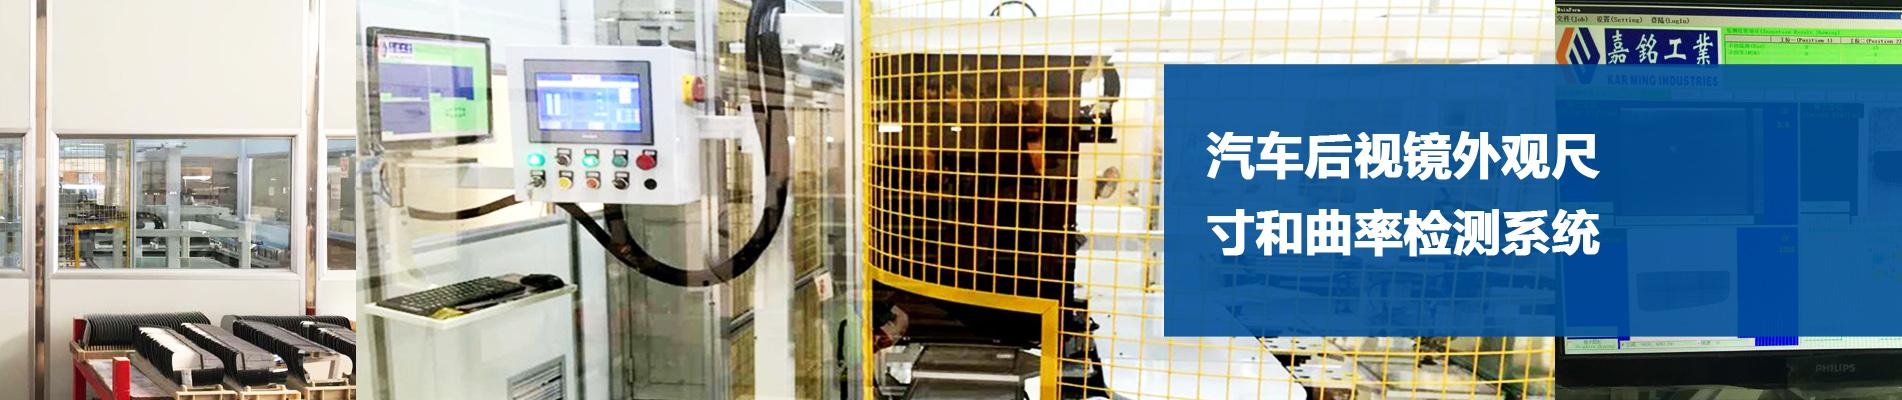 汽车零部件后视镜检测系统